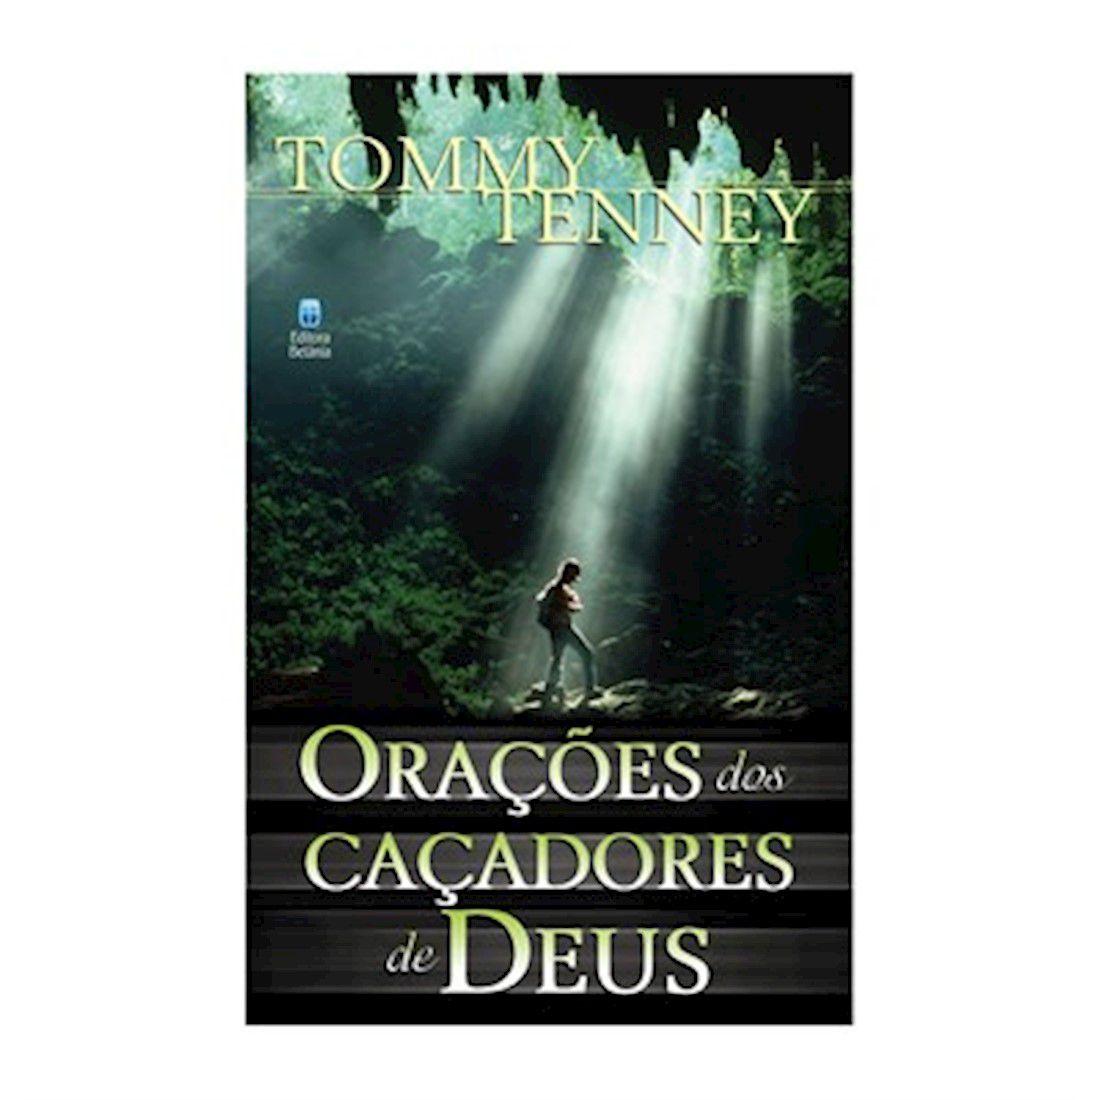 Livro Orações dos Caçadores de Deus